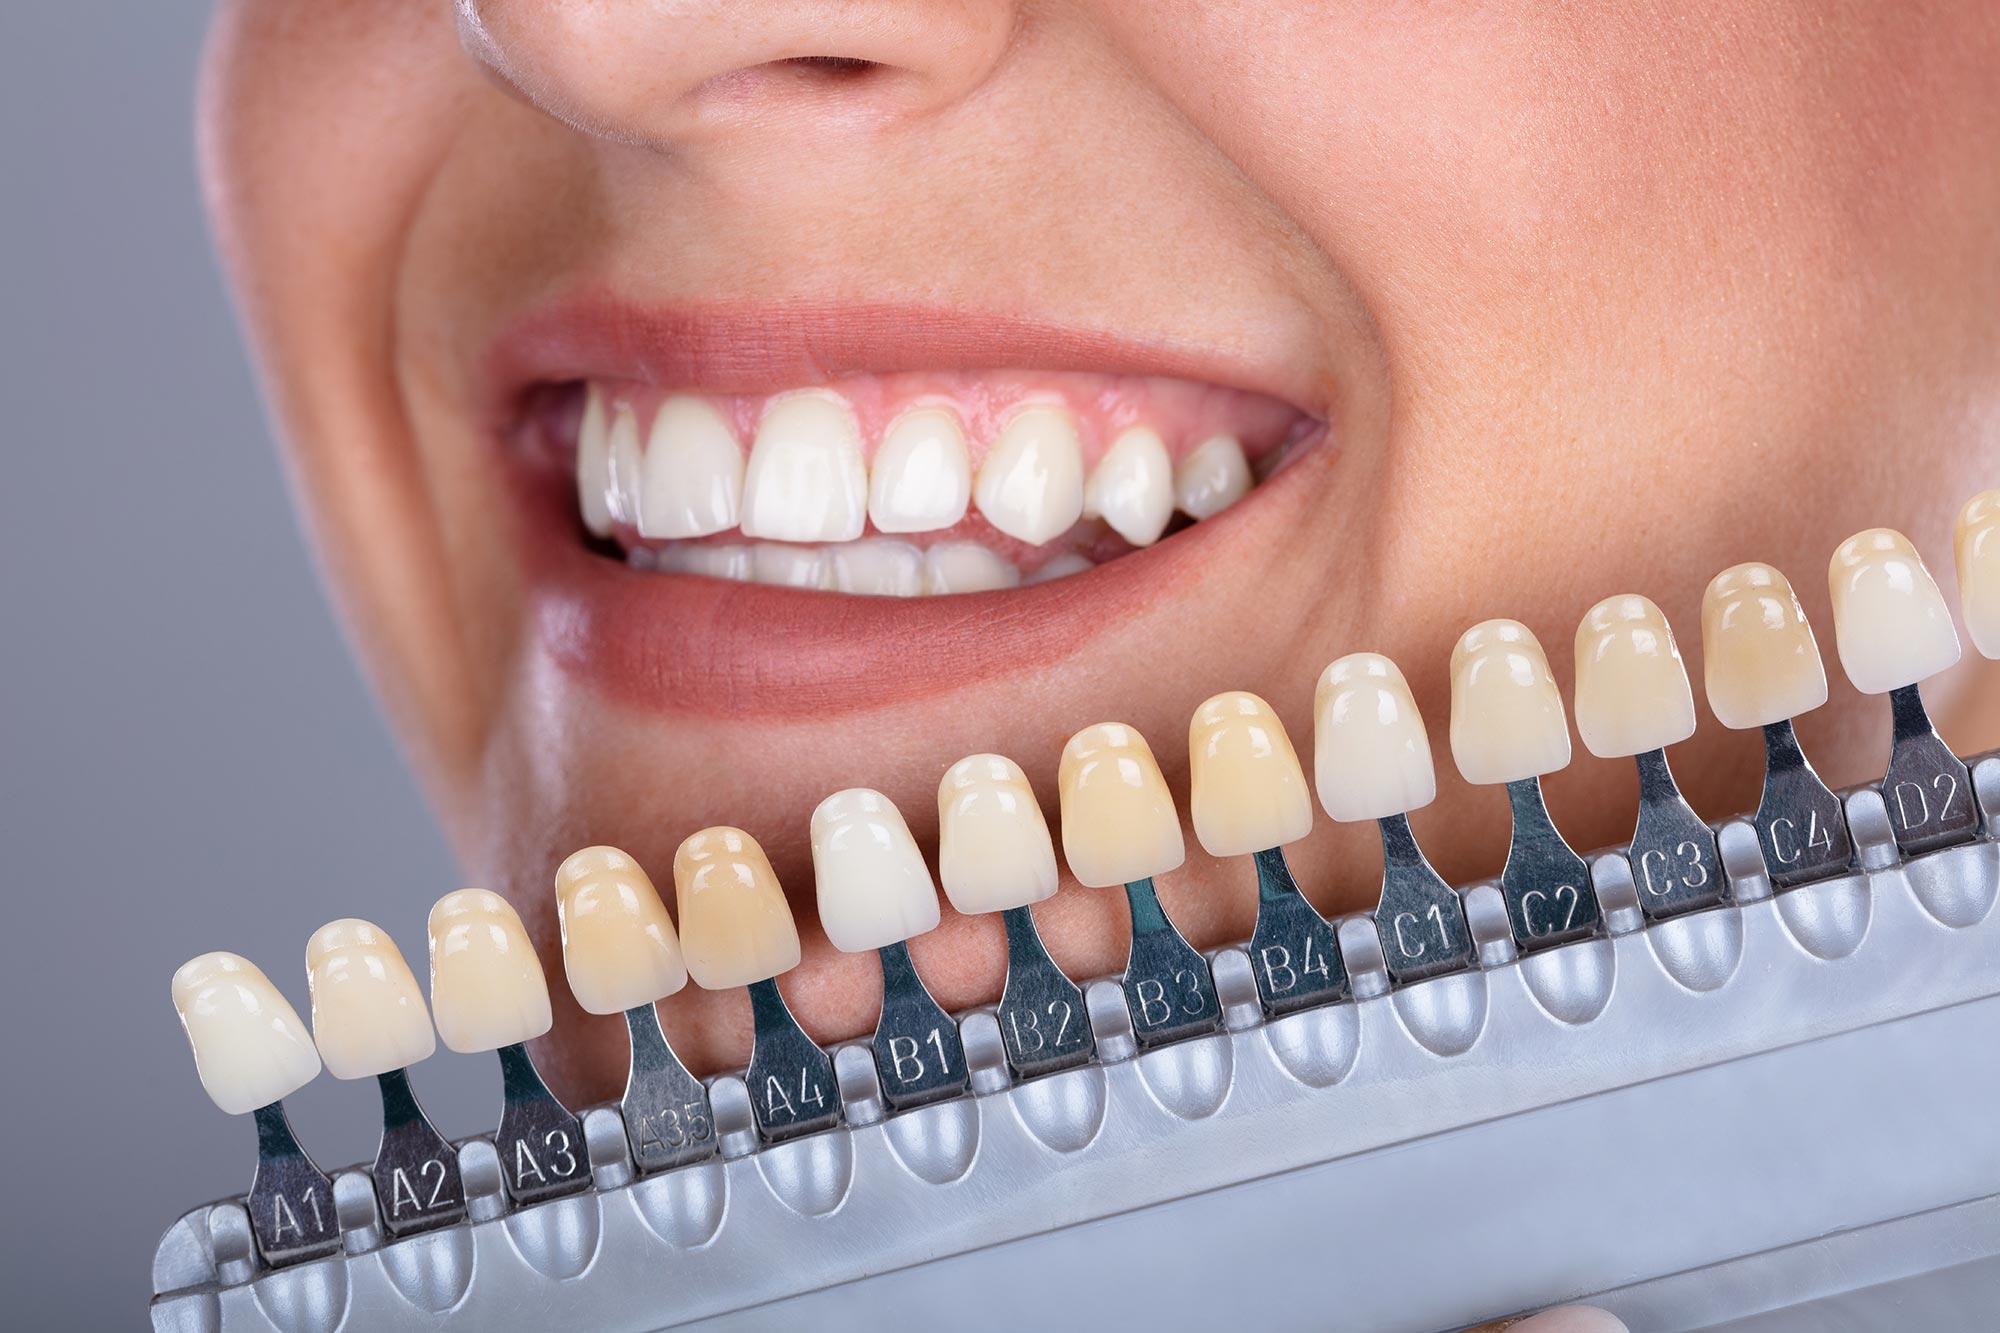 tanden-bleken-new